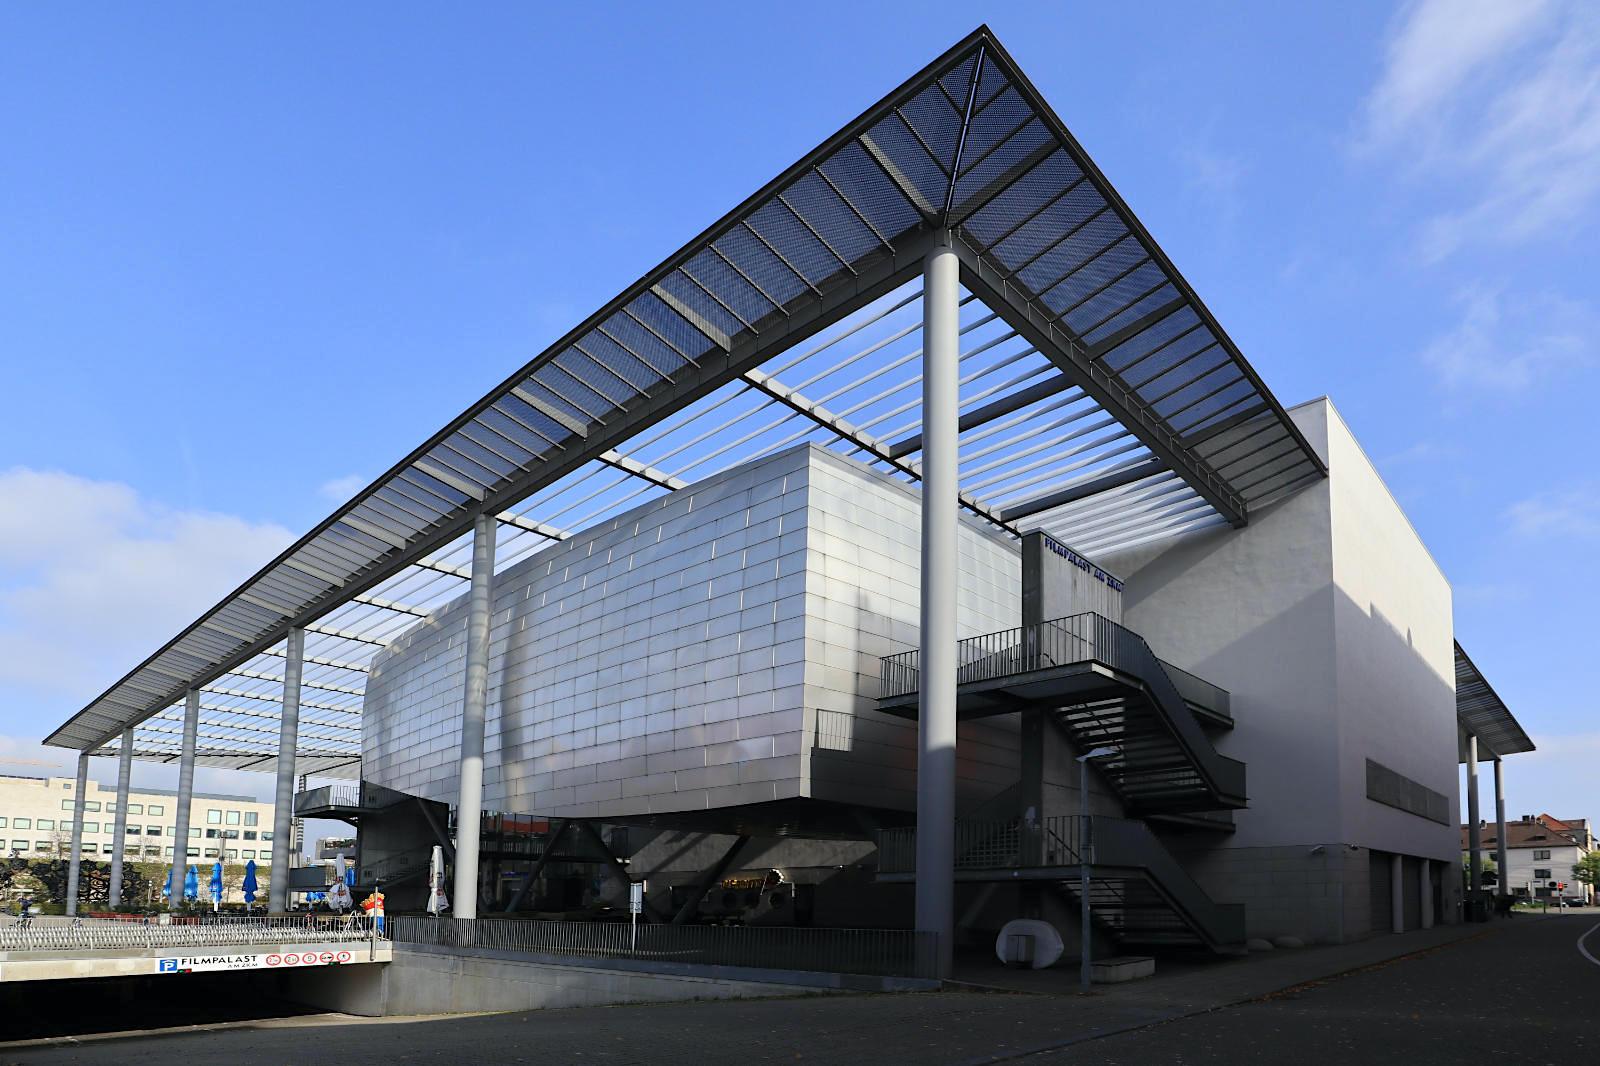 Filmpalast am ZKM. Entwurf: Till Sattler, 2000. Das Multiplex-Kino bildet mit dem gegenüber befindlichen ZKM einen großen Platz abseits der lauten, mehrspurigen Brauerstraße. Wichtige Merkmale sind das weit auskragende Vordach und die technisch-anmutende Gestaltung mit der Verkleidung aus Edelstahlplatten. Weitere Kinopaläste hat der Kölner Architekt Sattler in Düsseldorf und Frankfurt realisiert.